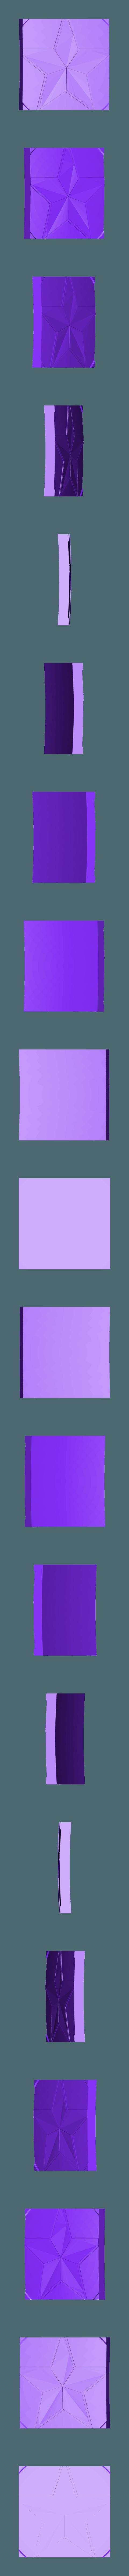 11.STL Télécharger fichier STL gratuit Bouclier du capitaine amérique (Entièrement détaillé) • Design pour imprimante 3D, Absolute3D